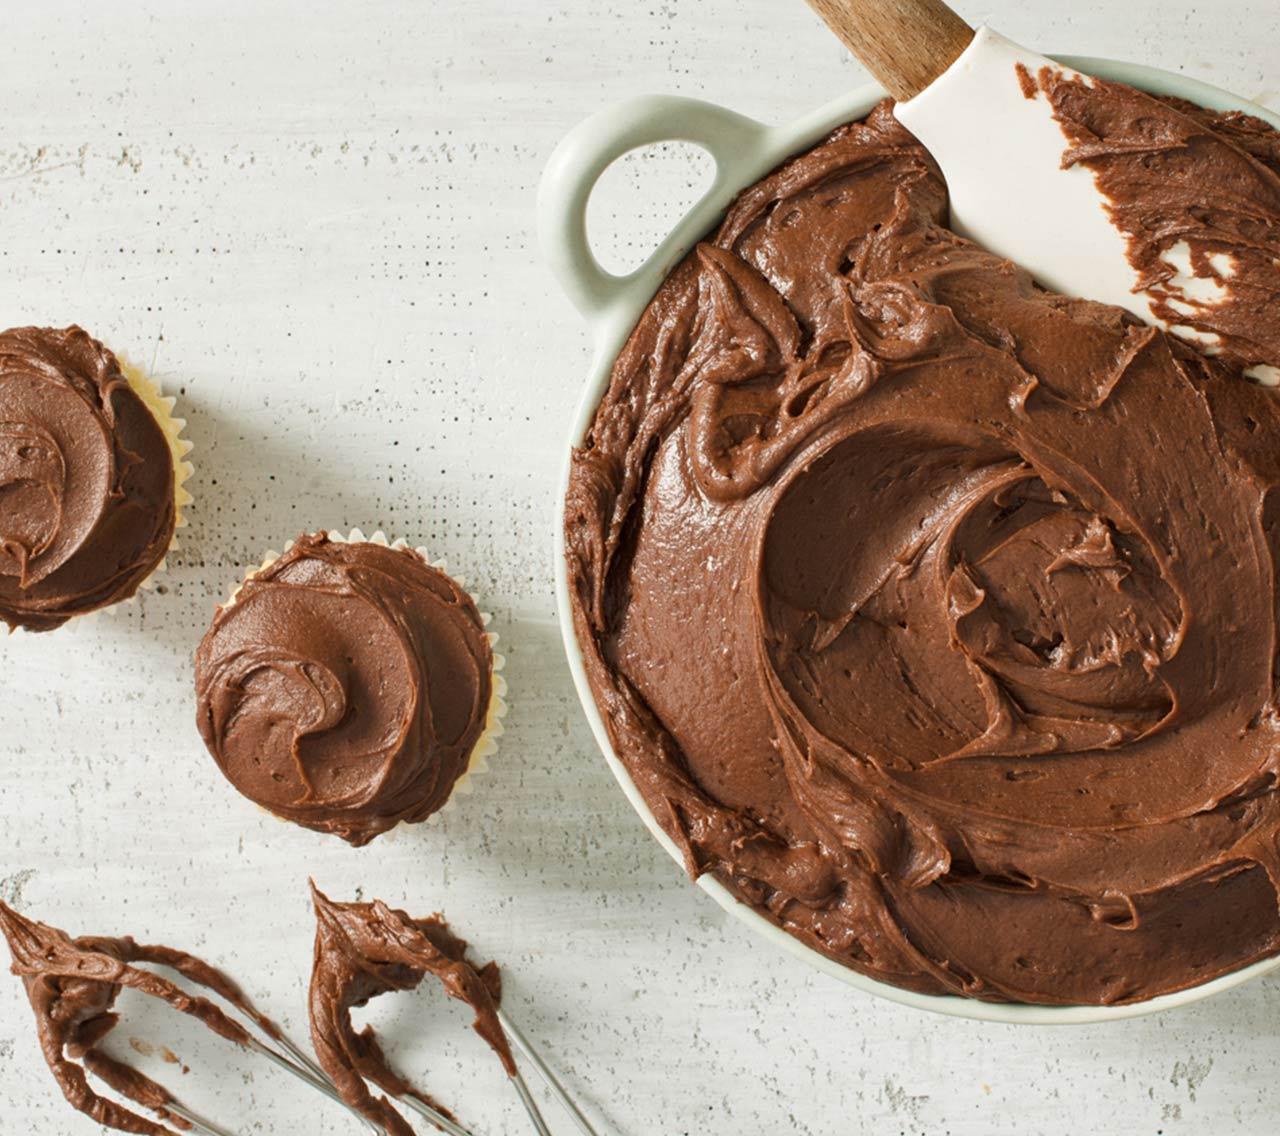 Glaçage au Chocolat et à la Crème au Beurre